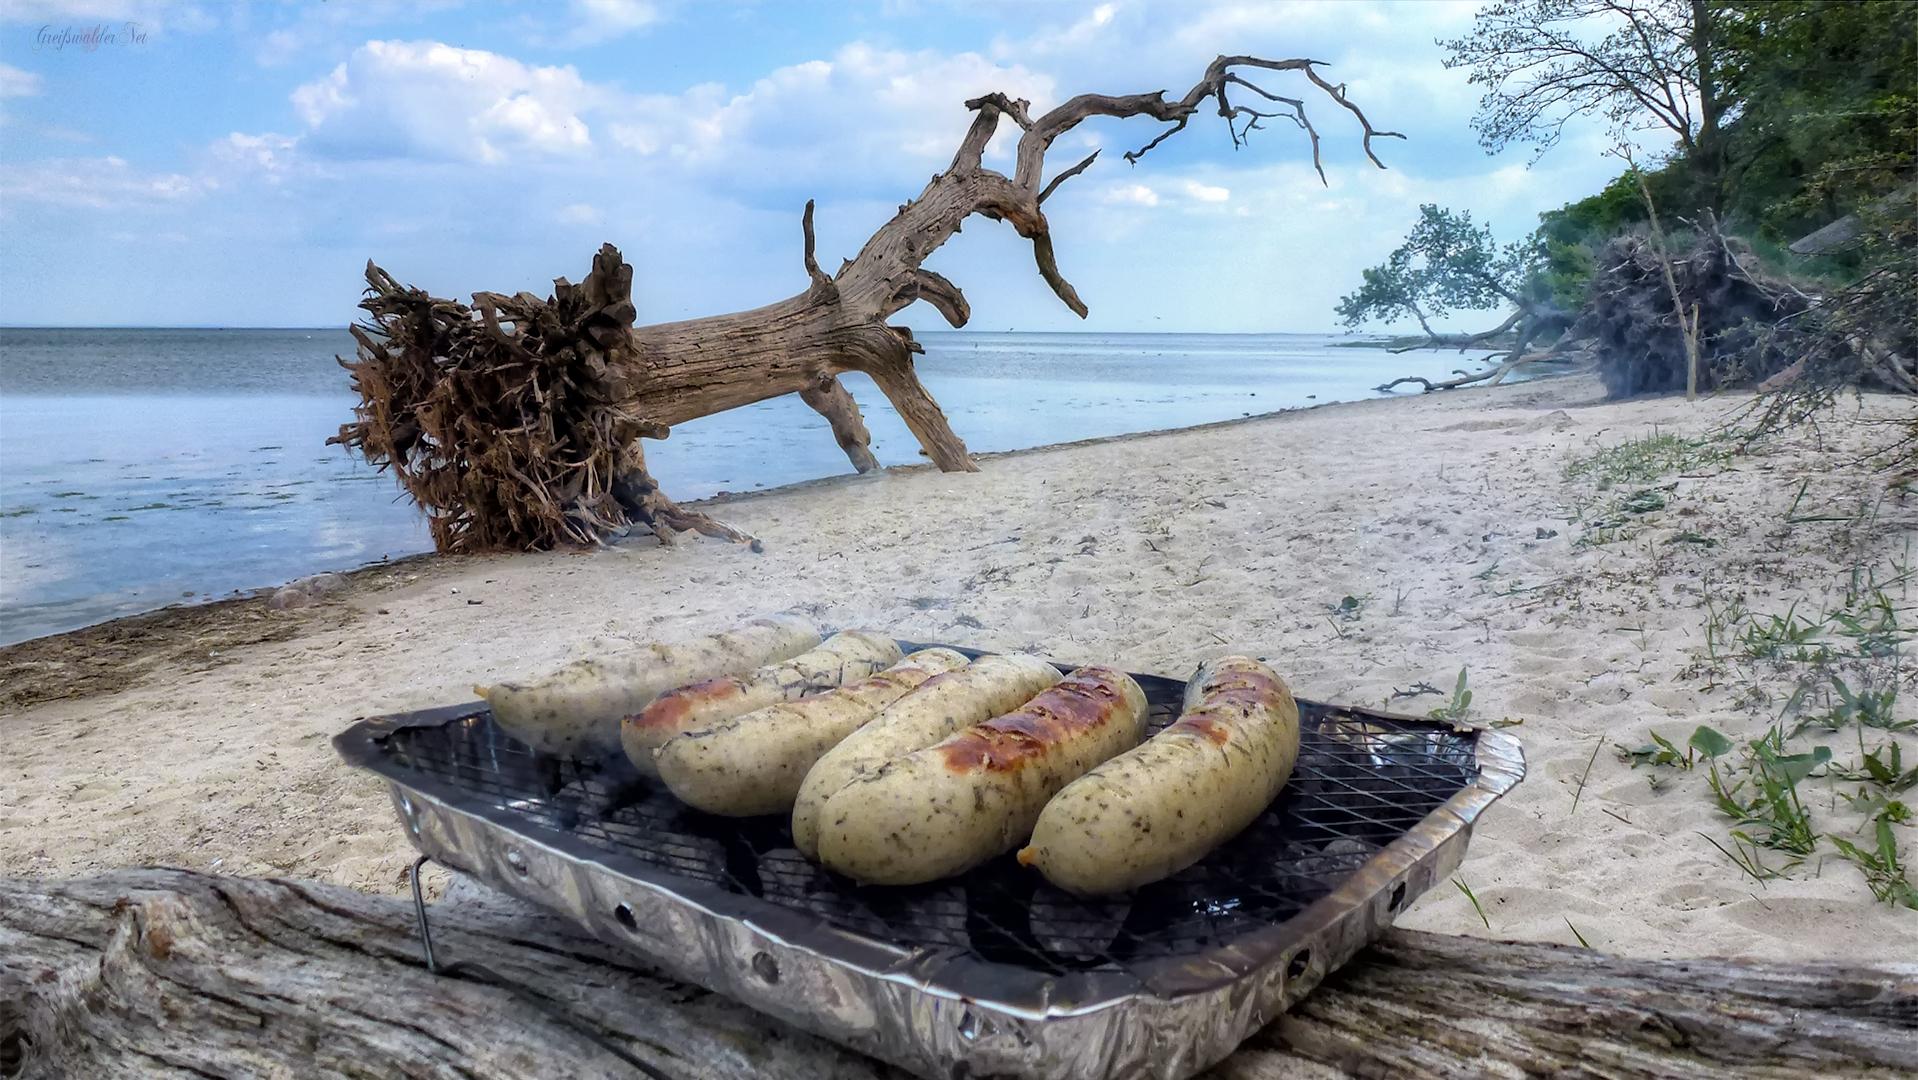 Grillabenteuer am Strand - Strand der Schlafende Bäume bei Loissin